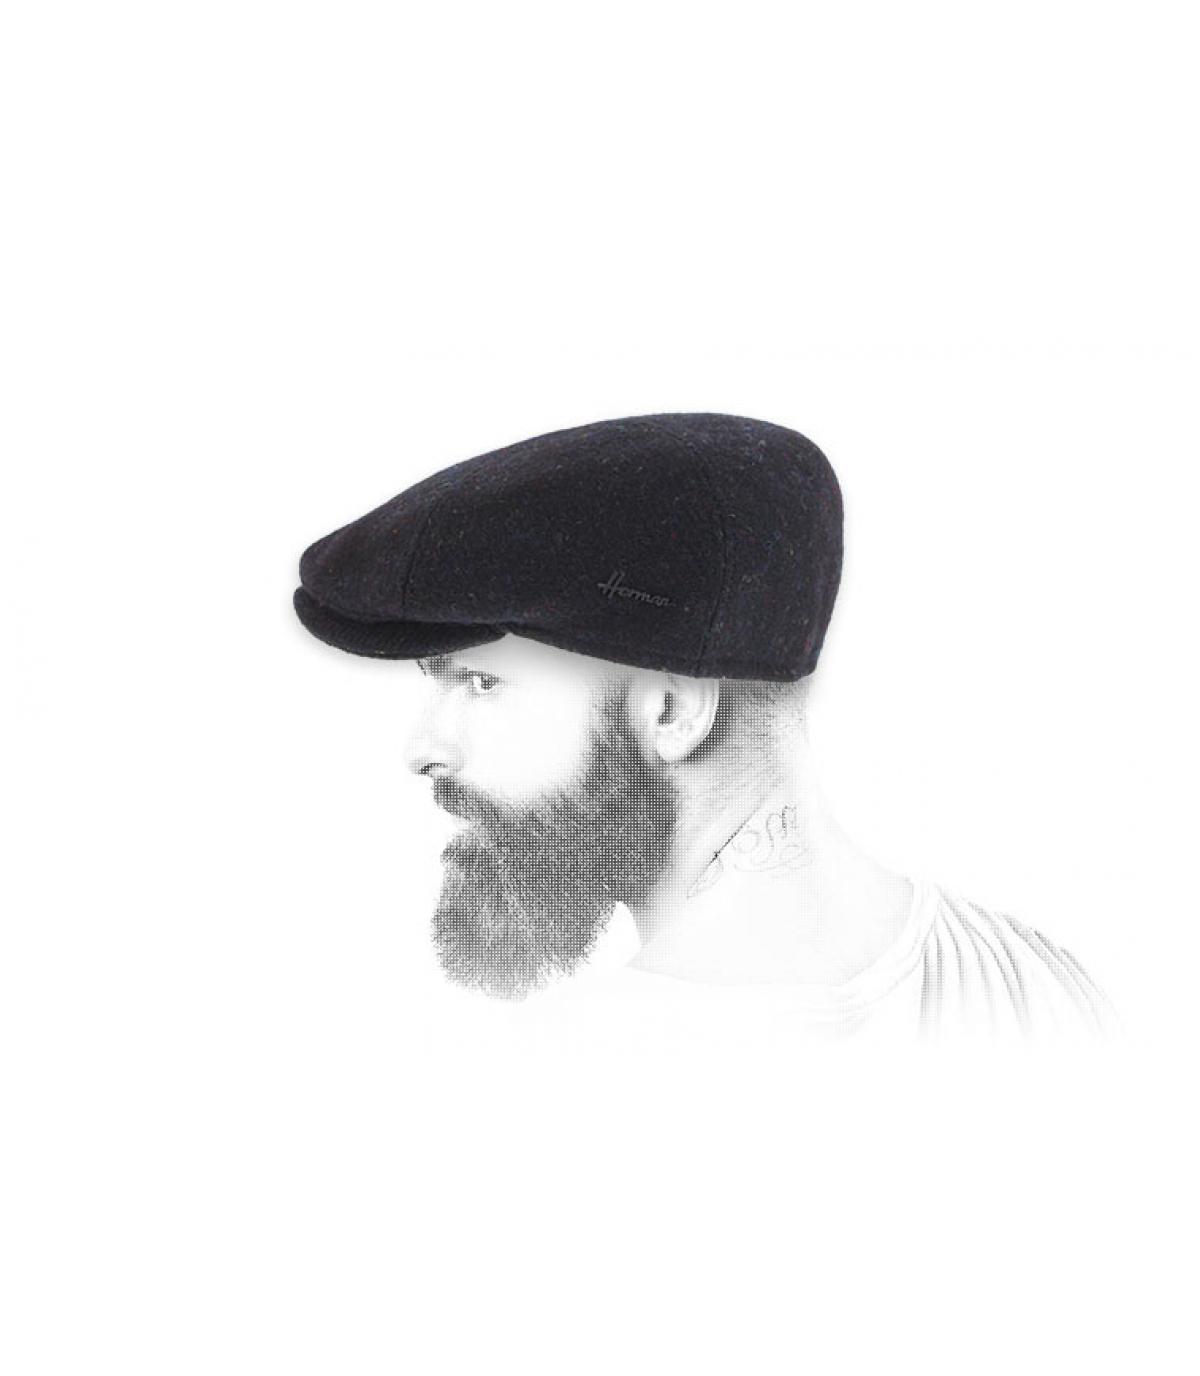 béret noir tweed Herman